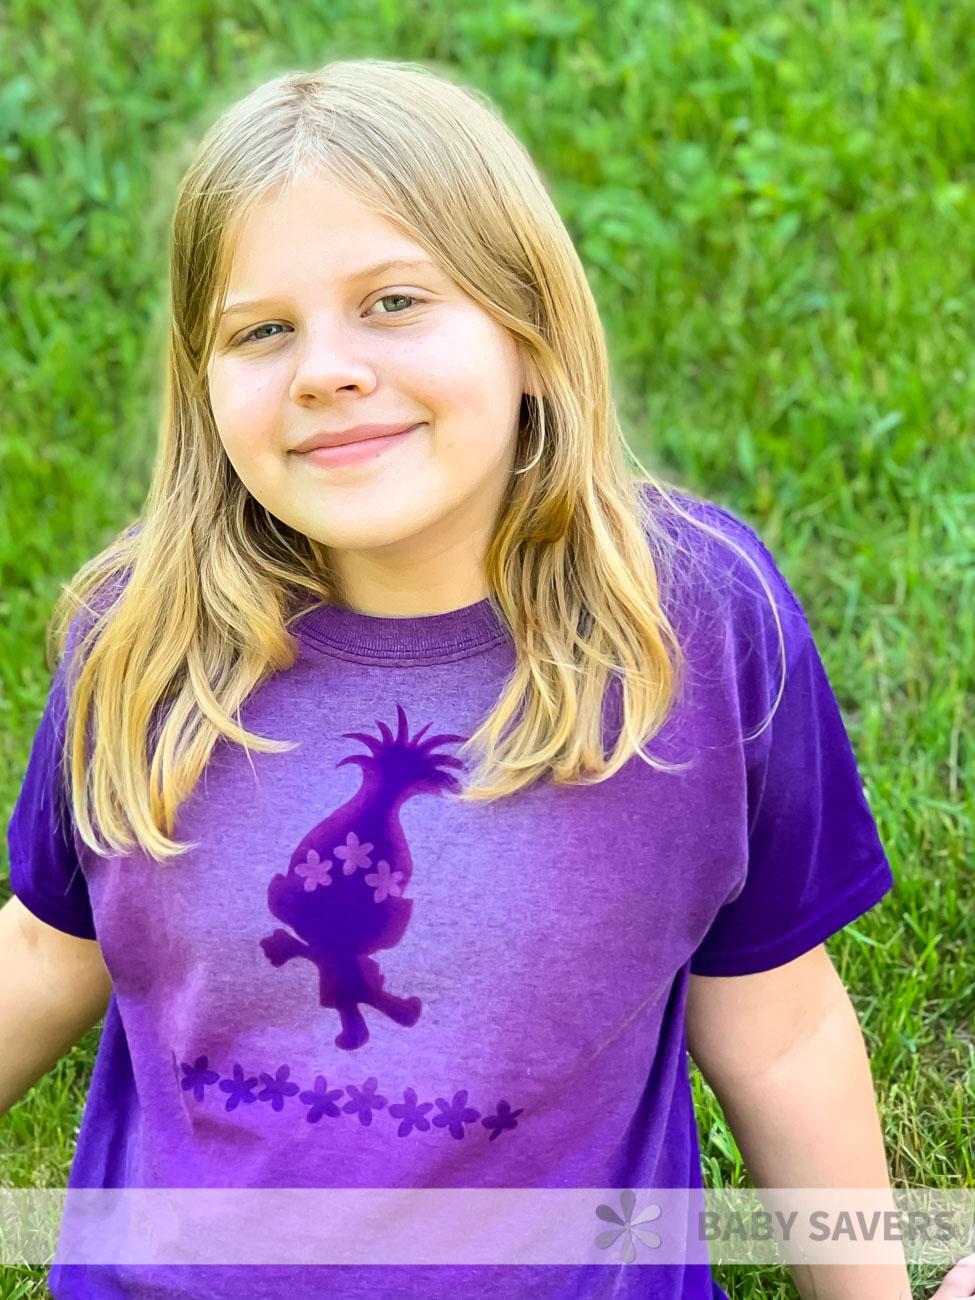 bleach dye t shirt - summer camp activities